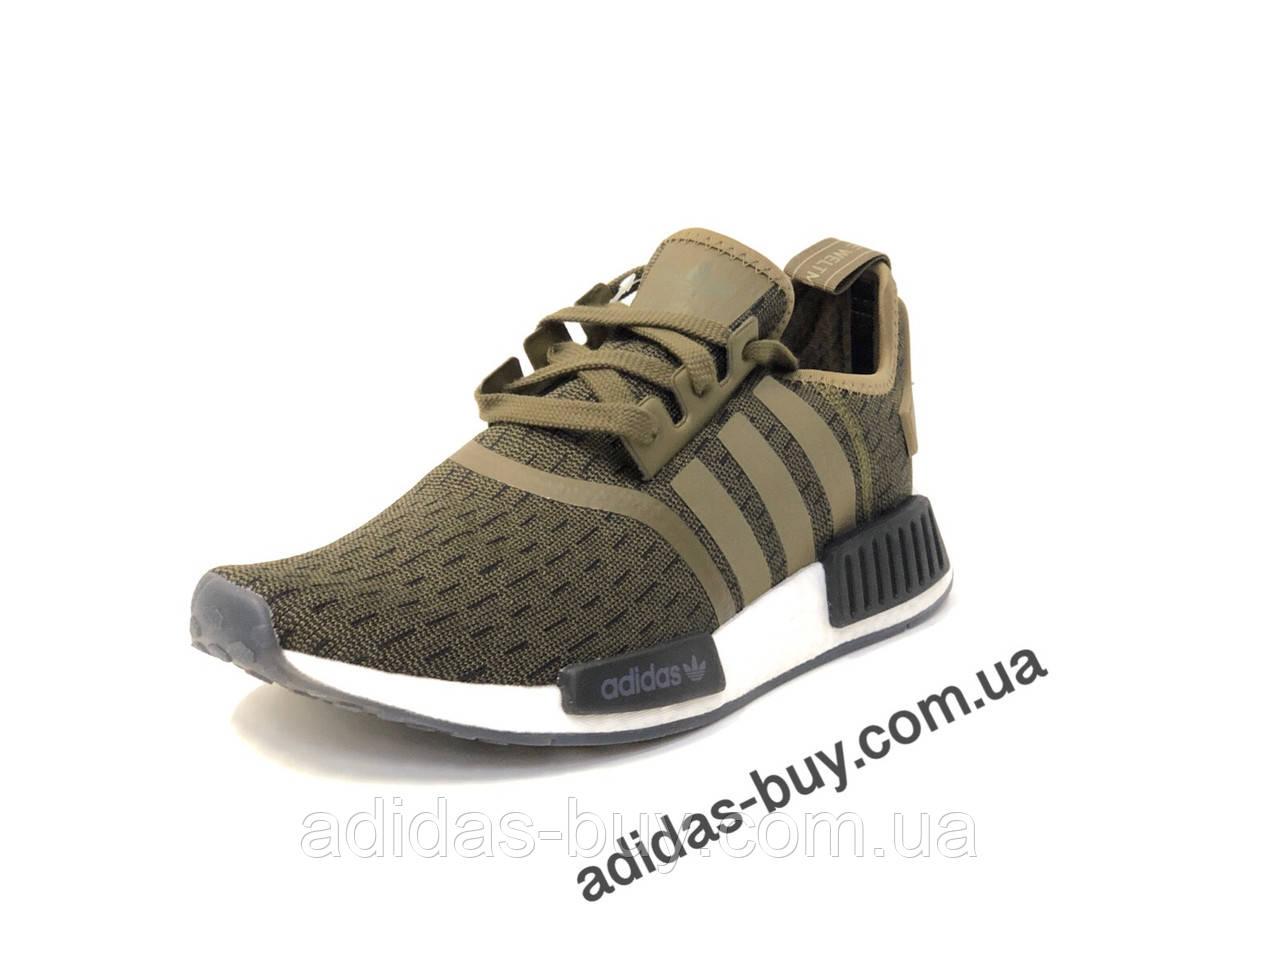 Кроссовки adidas мужские оригинал NMD_R1 aq1018 цвет: горчичный/хаки